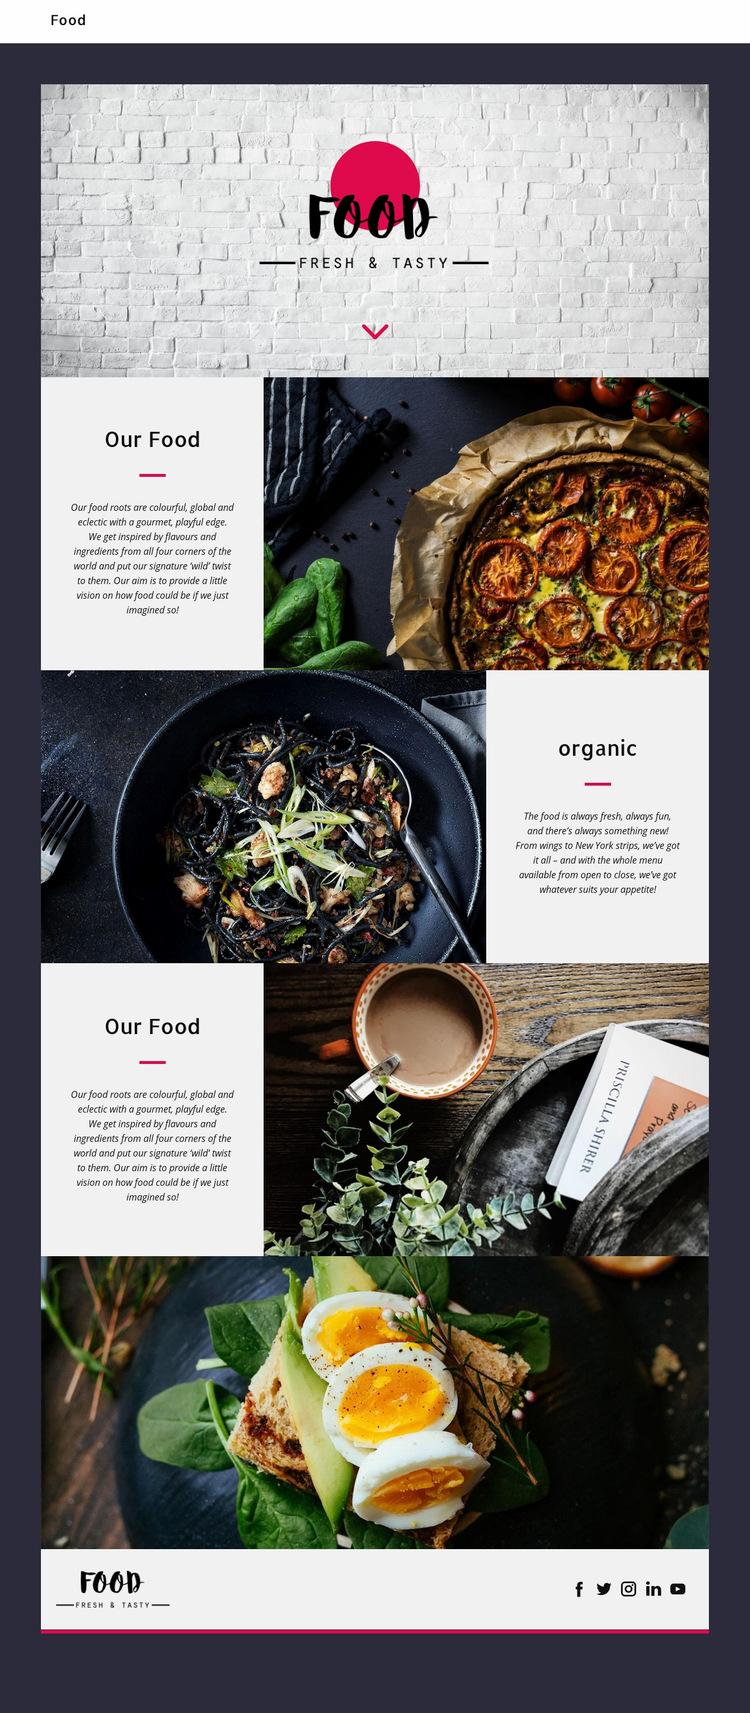 Fine oriental restaurant Web Page Design